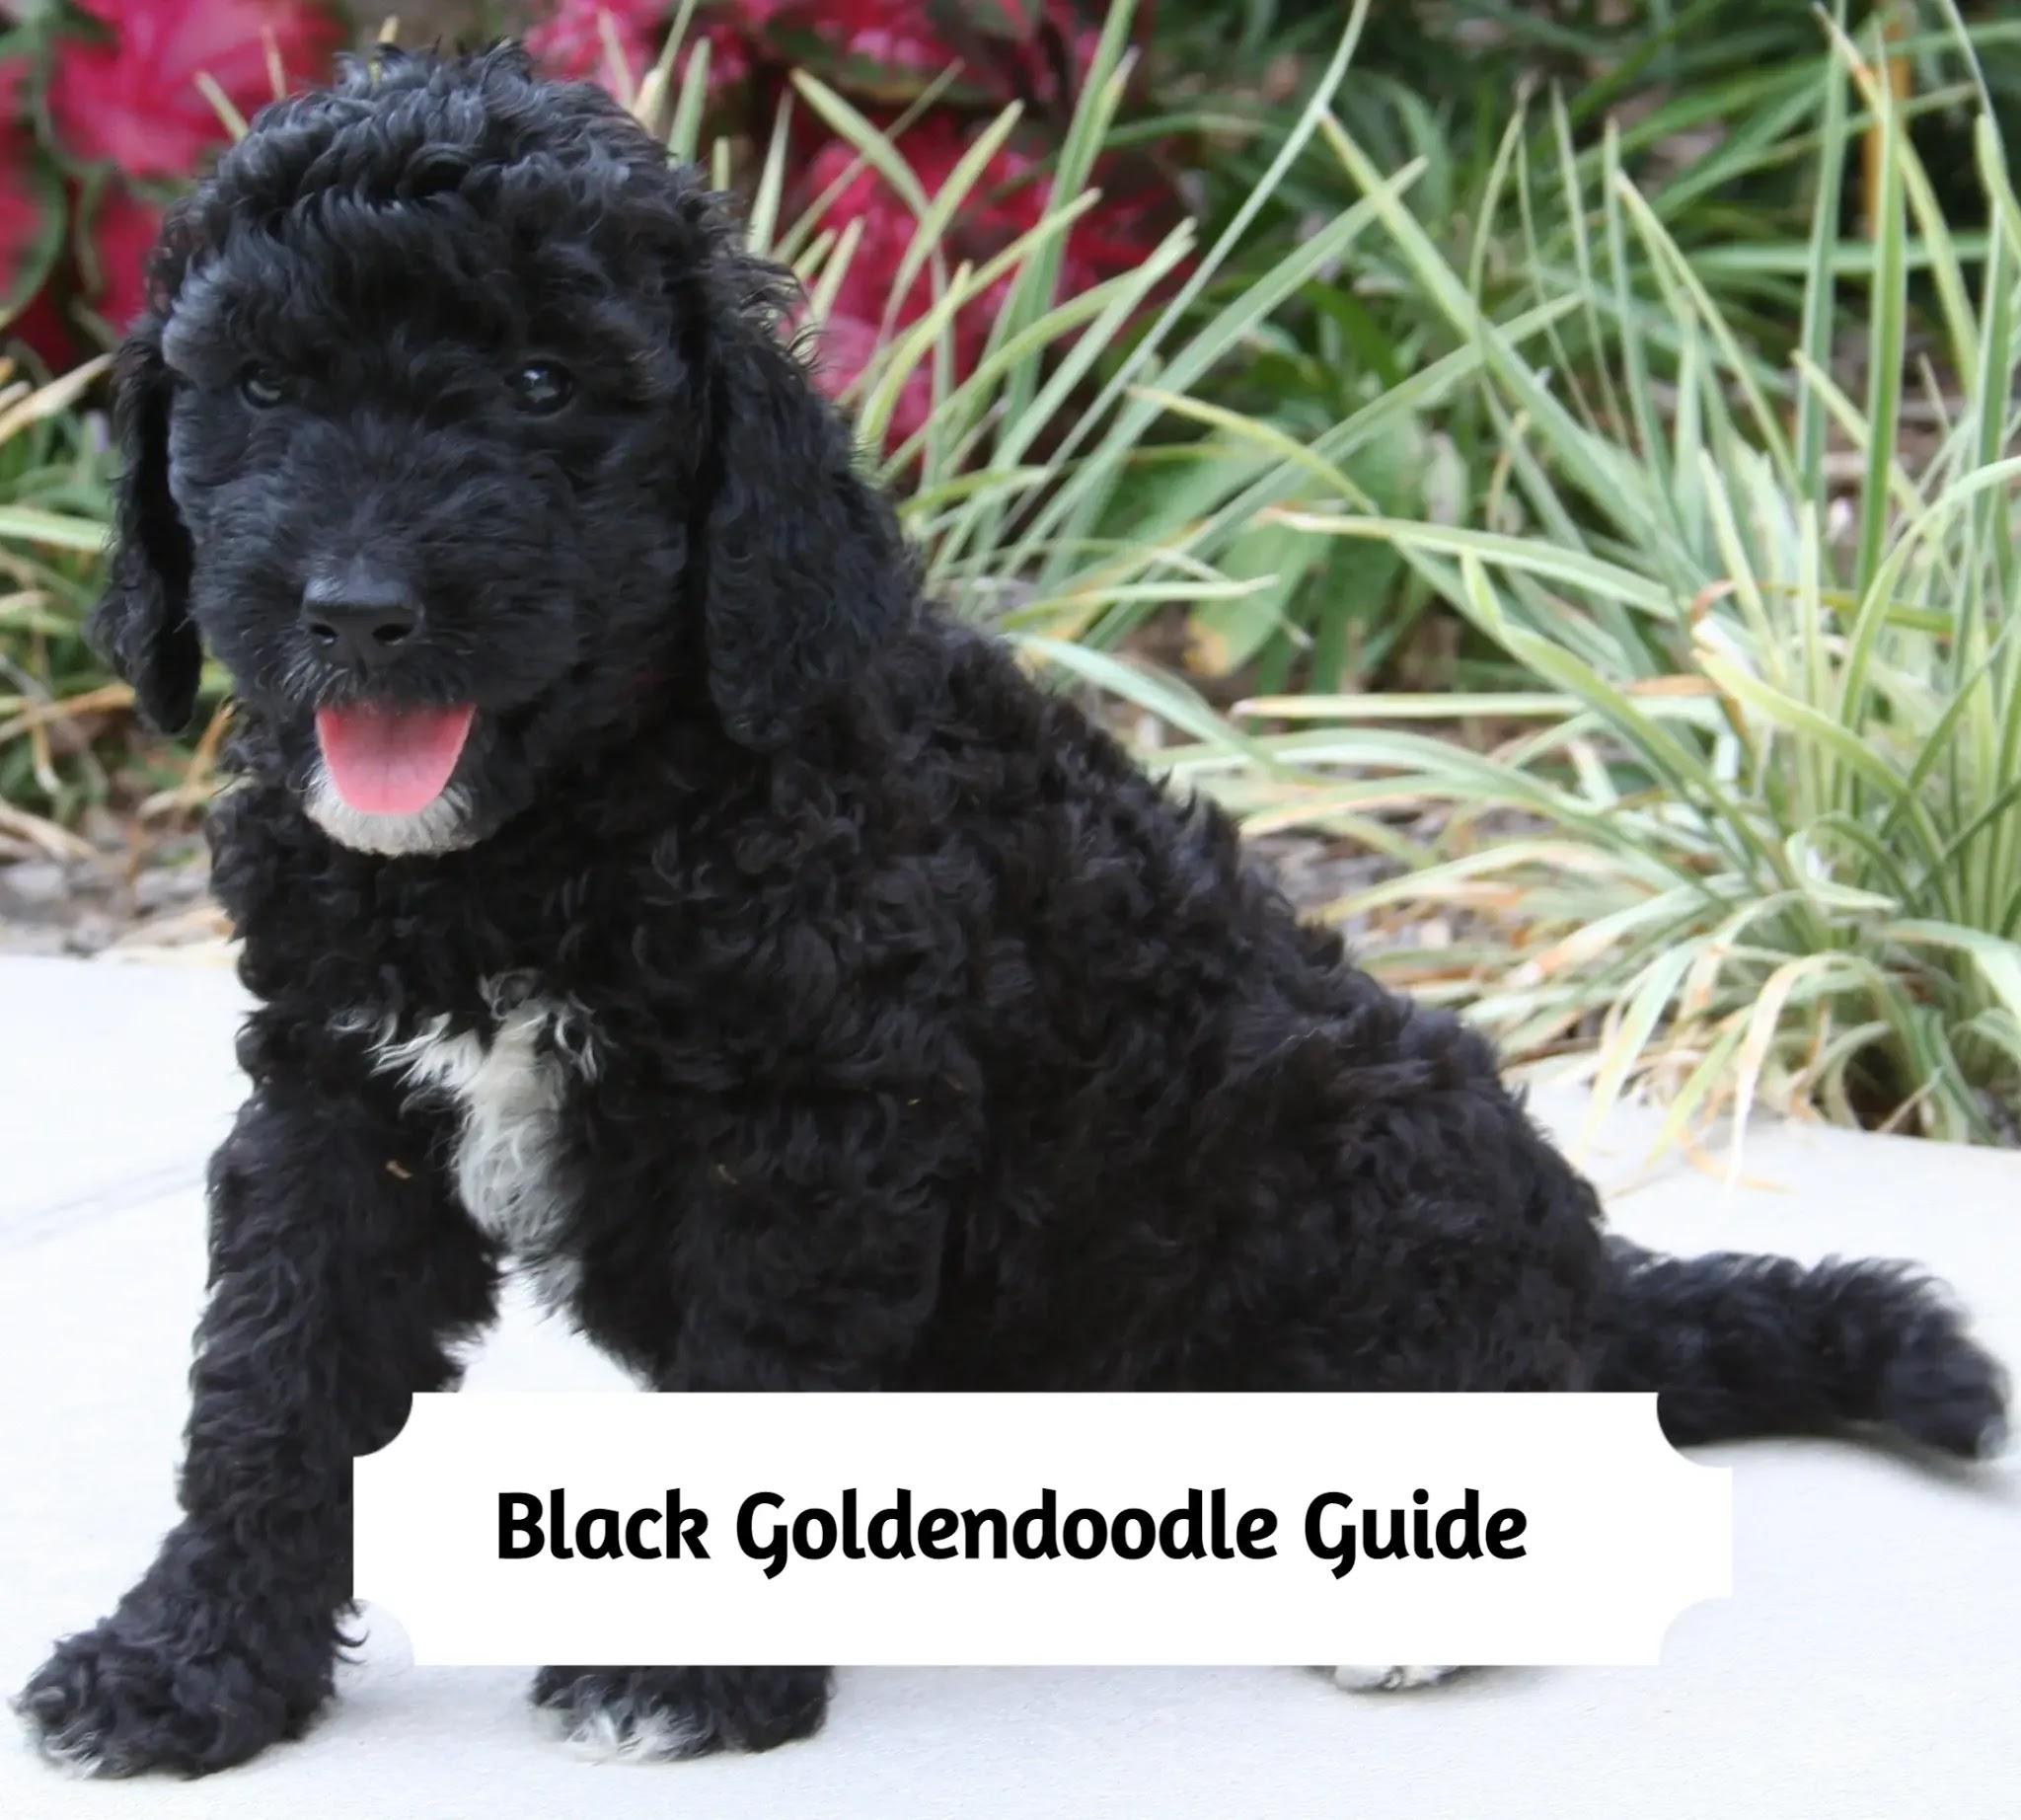 Black-Goldendoodle-Guide